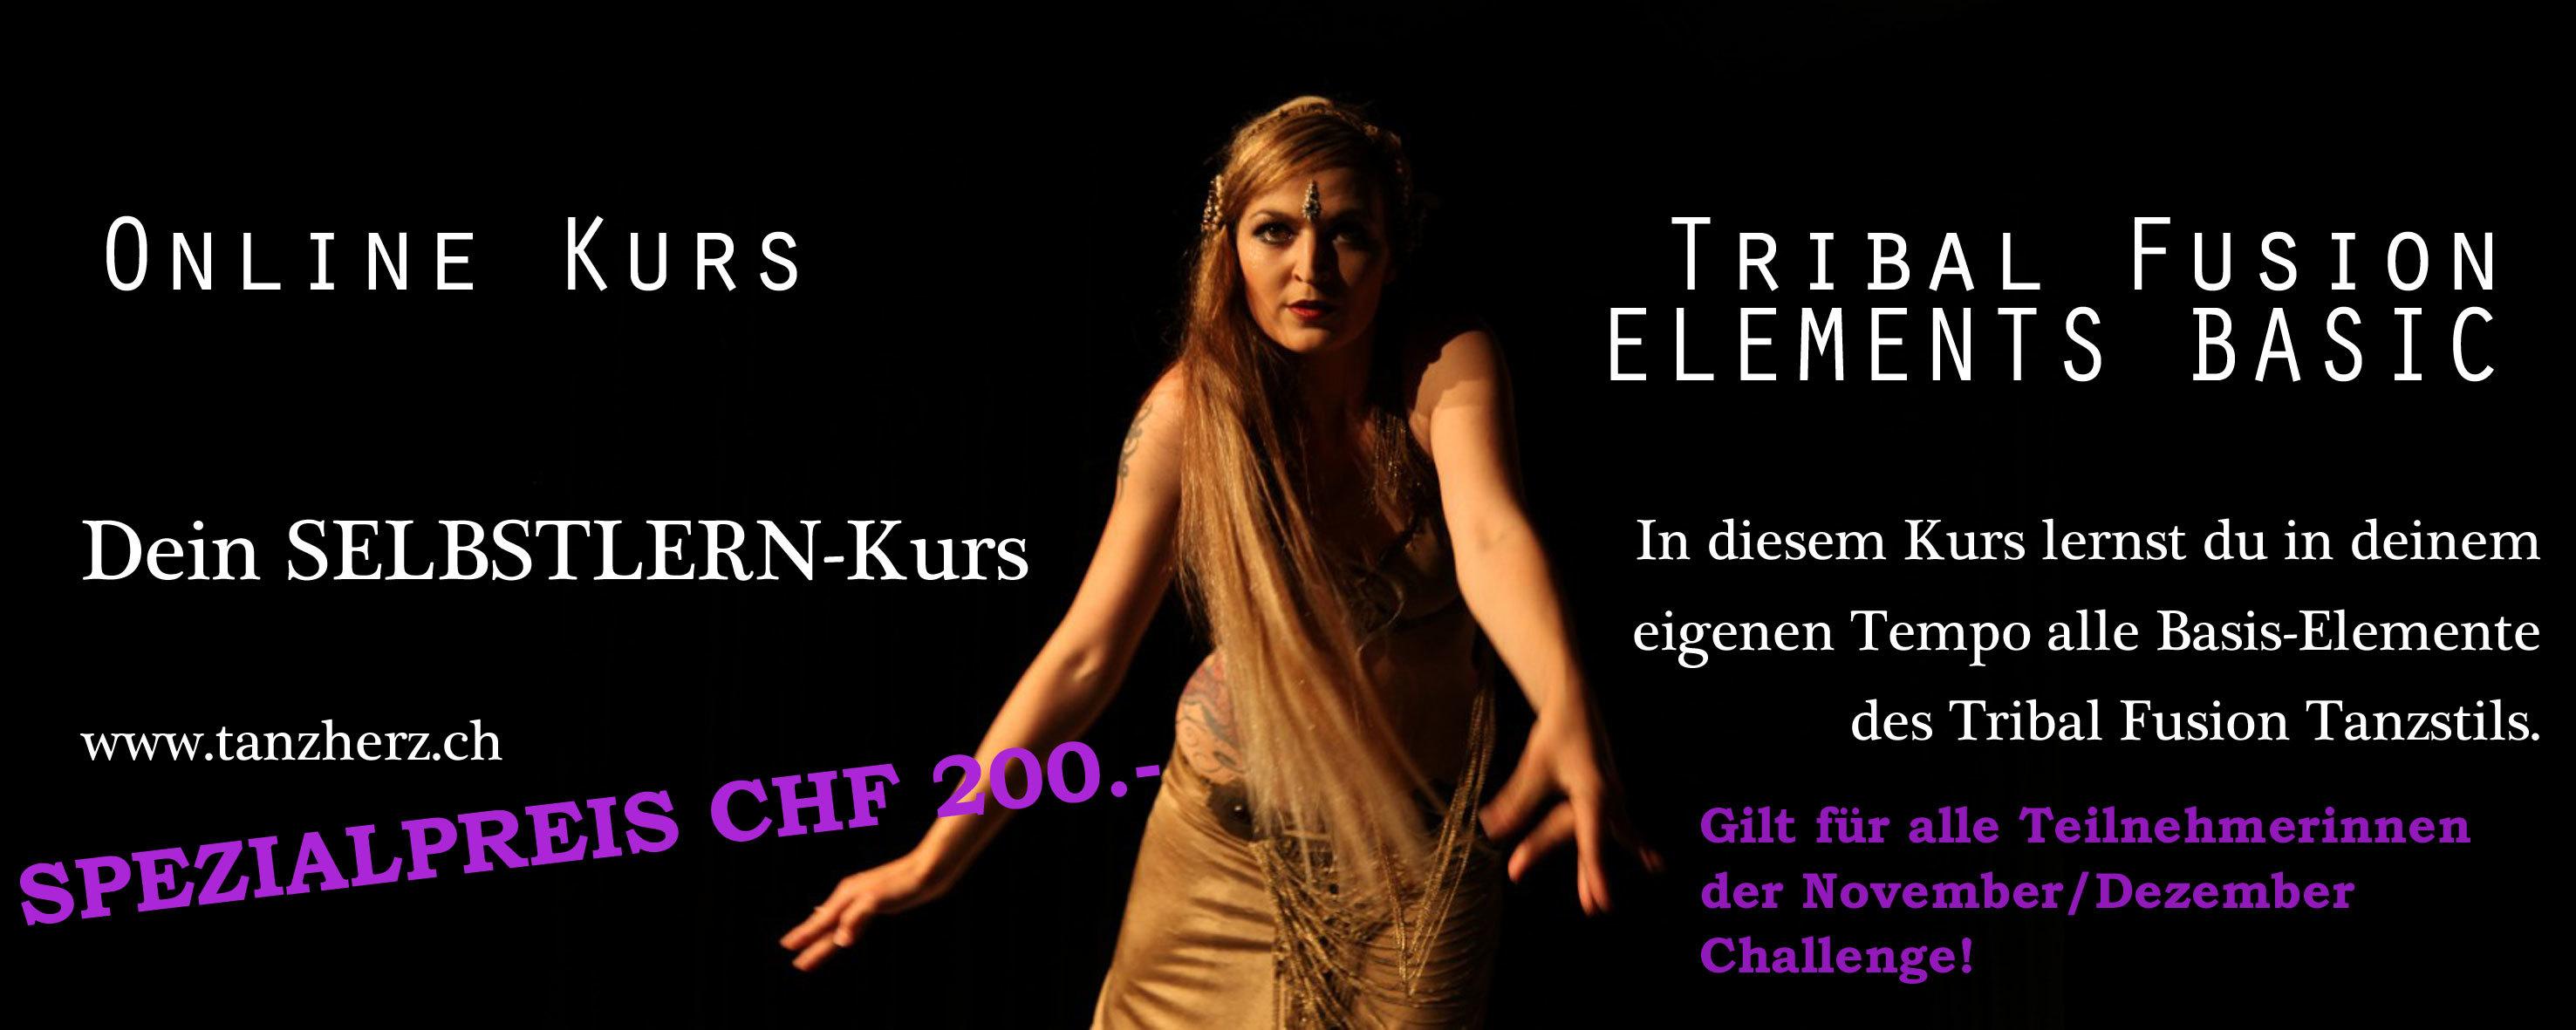 SELBSTLERN-ONLINE-Kurs Tribal Fusion ELEMENTS BASIC Spezial-Preis für Challengerinnen SPEC11NOV